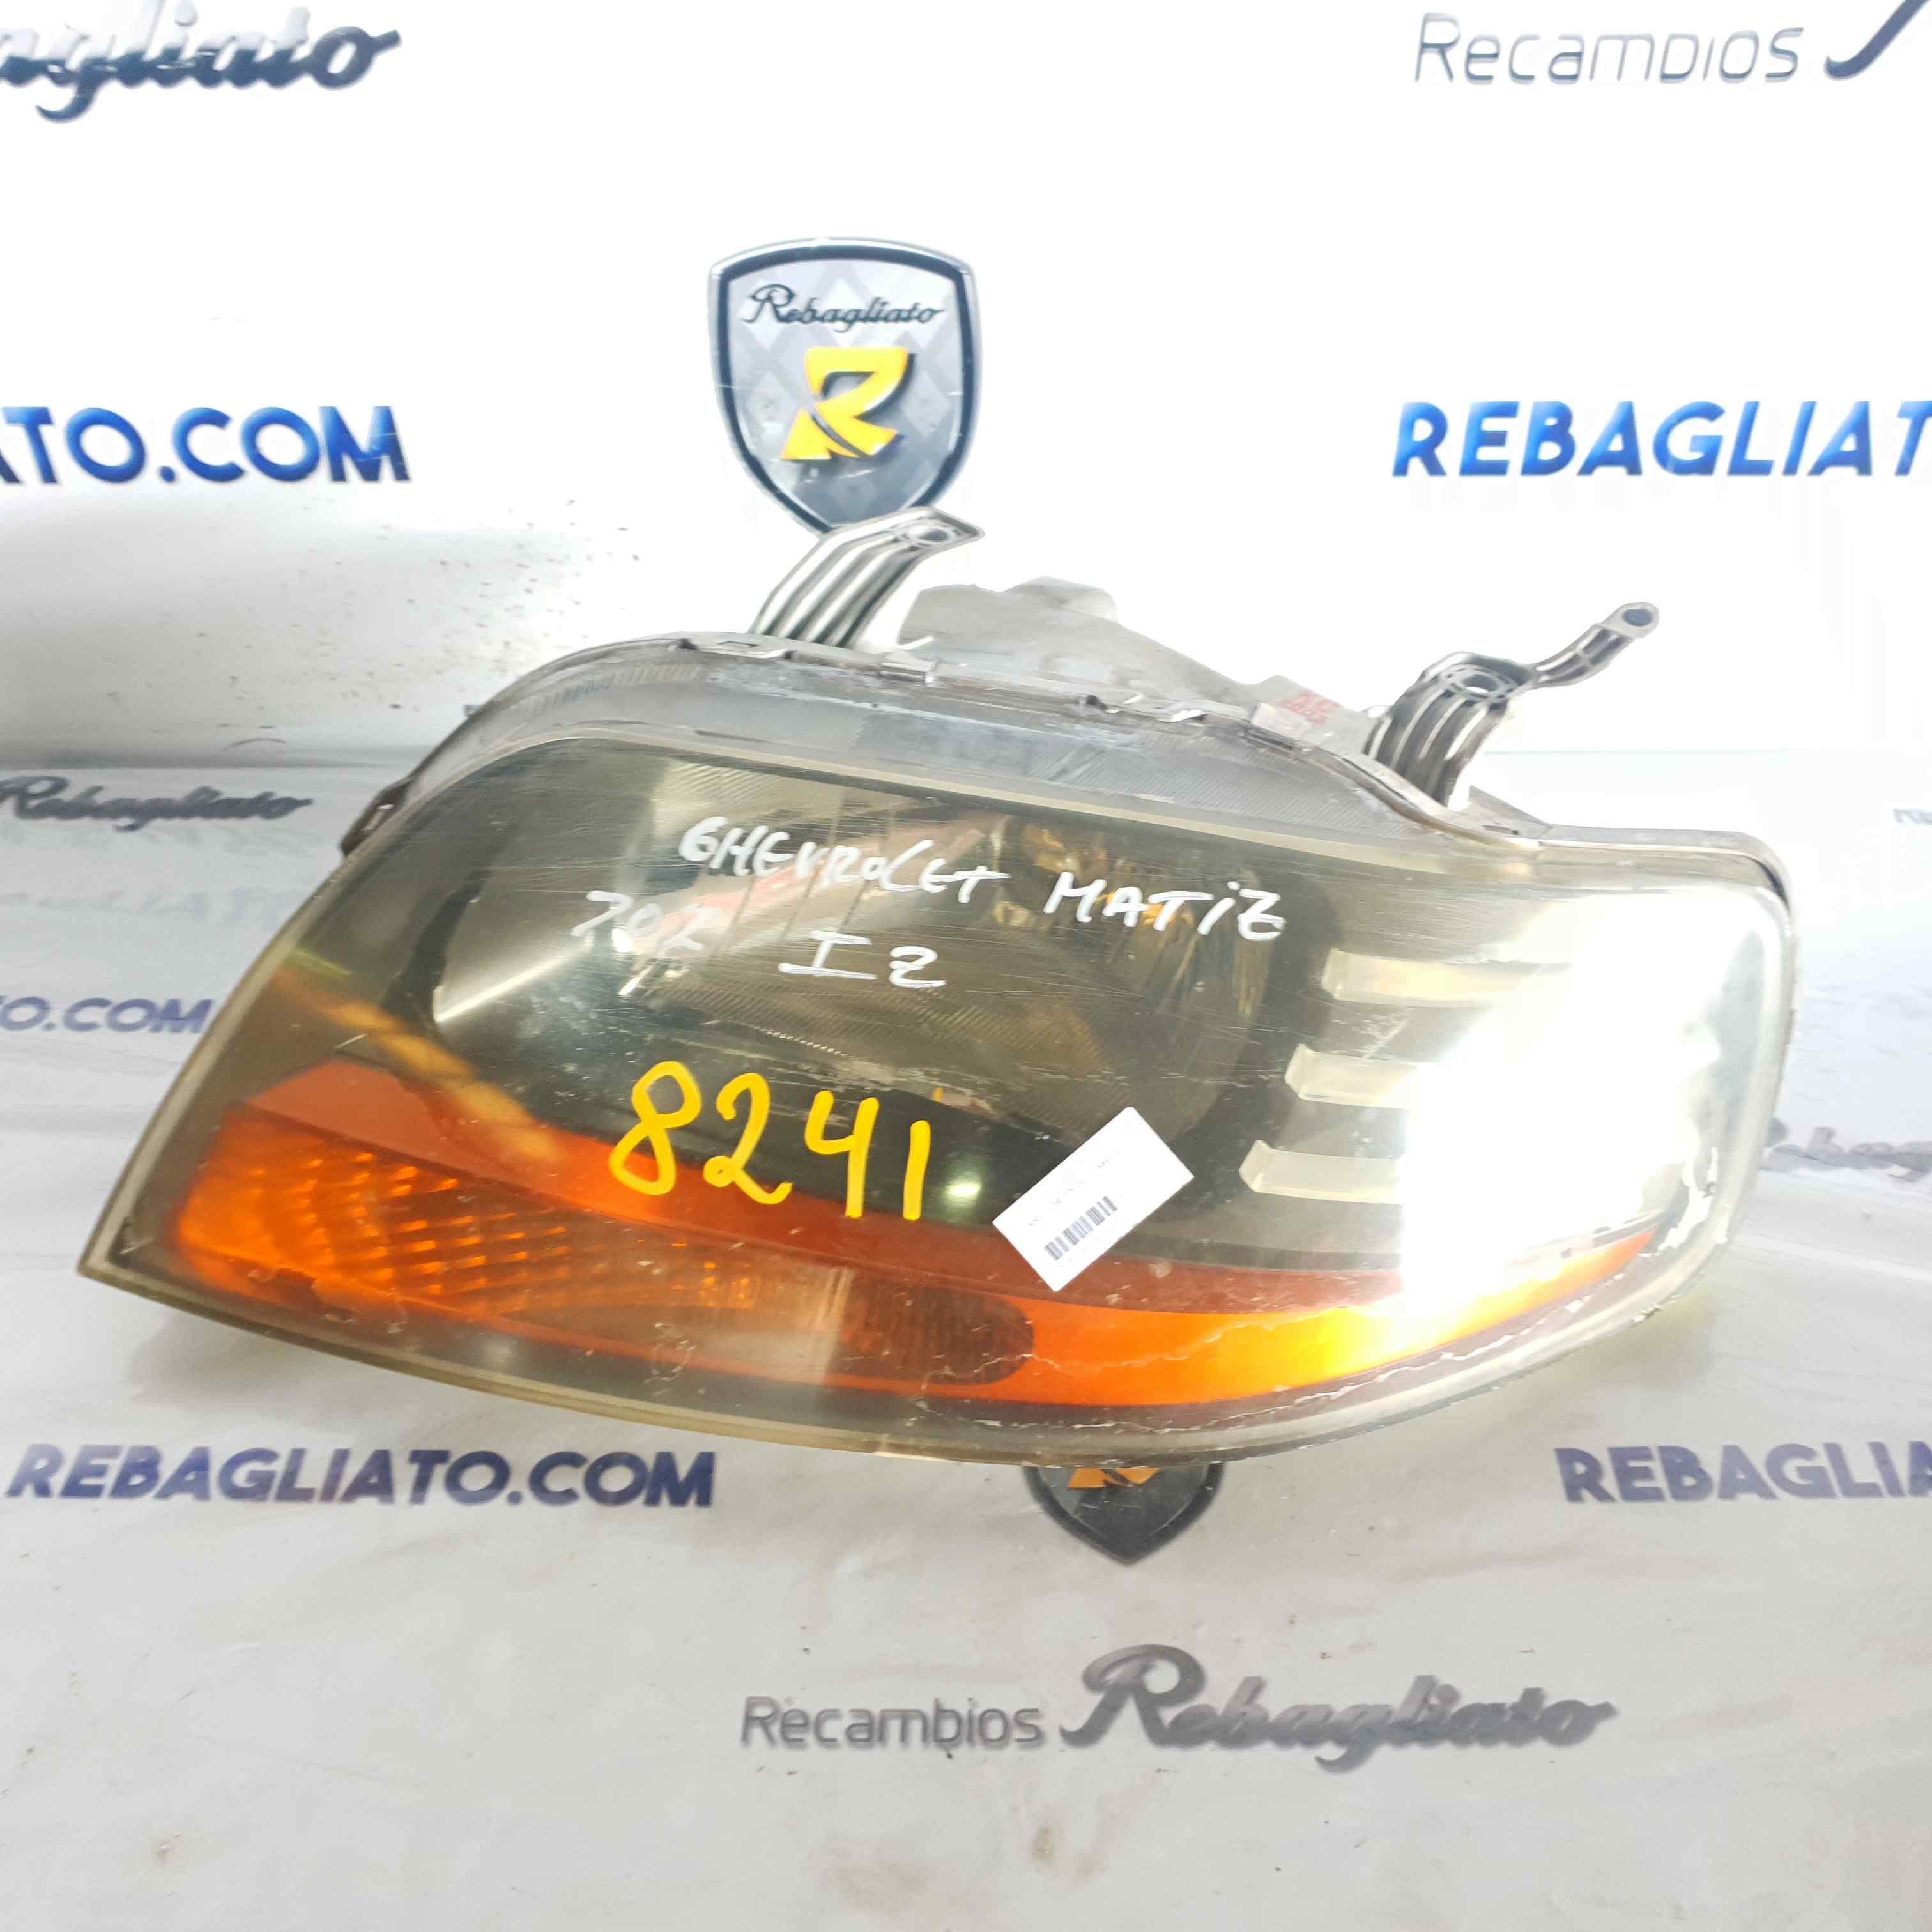 Faro izquierdo de Chevrolet Matiz (2005 - 2011) 8241